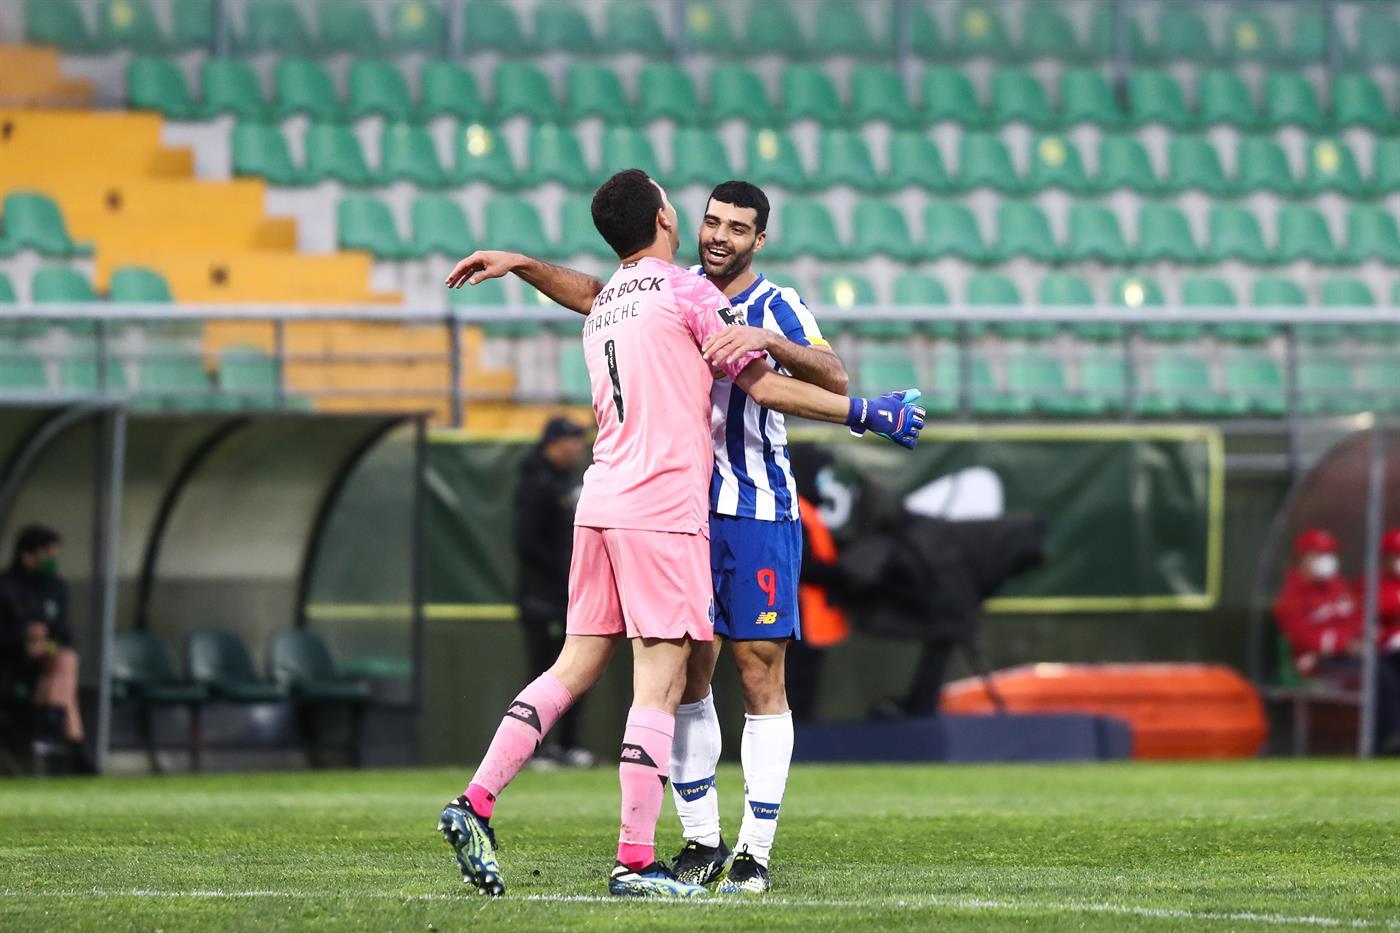 Tondela, 10/04/2021 - O Clube Desportivo Tondela recebeu esta noite o Futebol Clube do Porto no Estádio